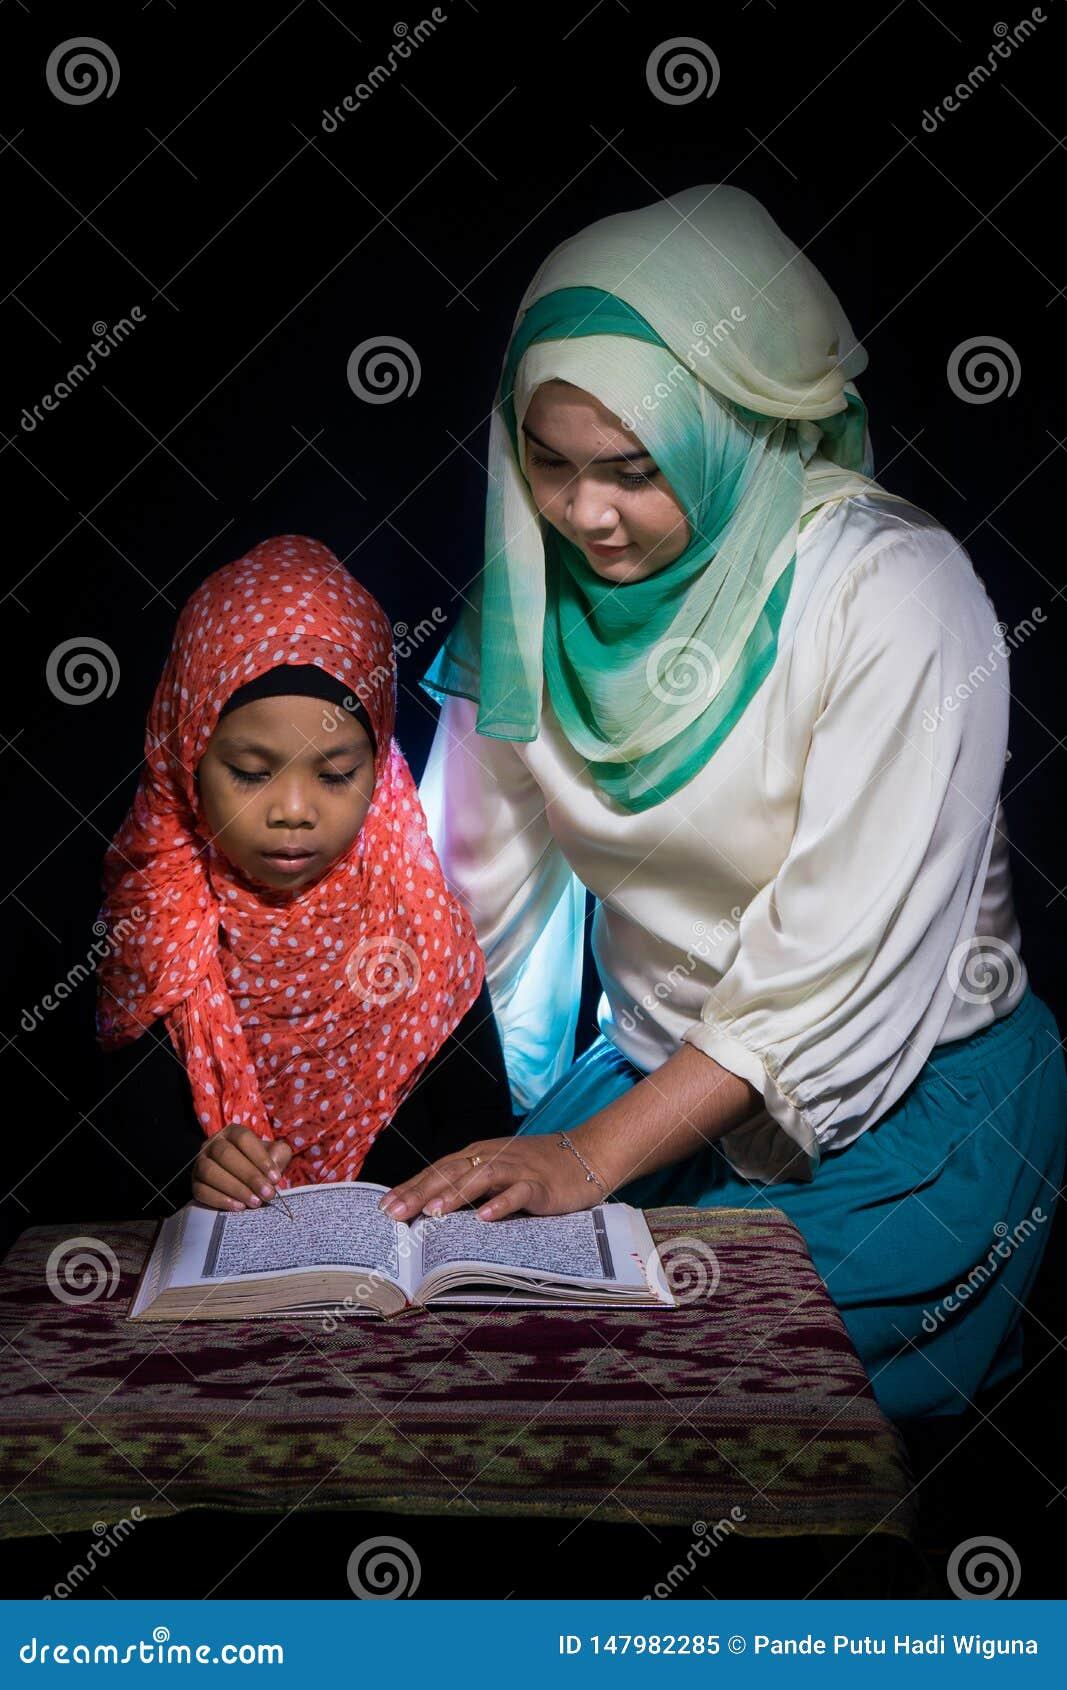 FLORES, 25 INDONESIË-JUNI 2014: Een hijabzuster onderwijst haar zuster die ook een hijab draagt om quran op een lijst met te leze